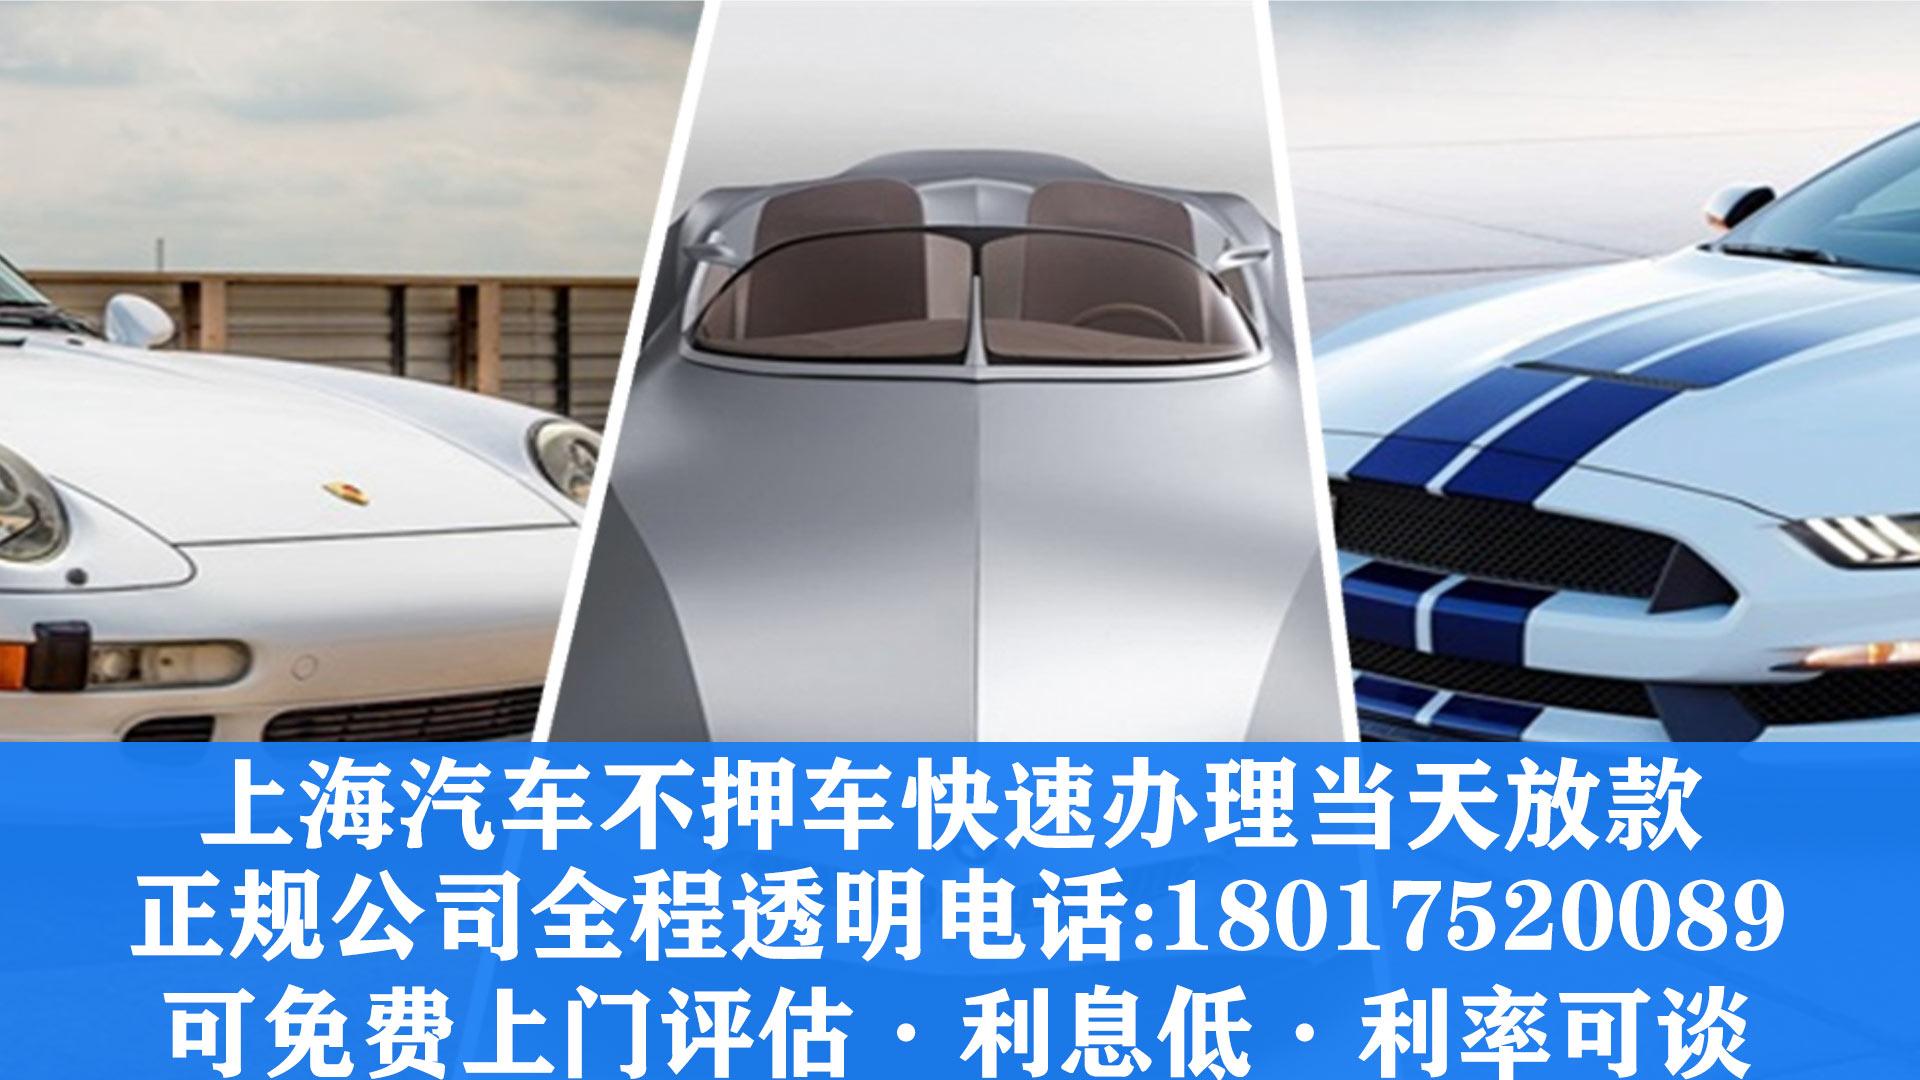 上海找贷款网